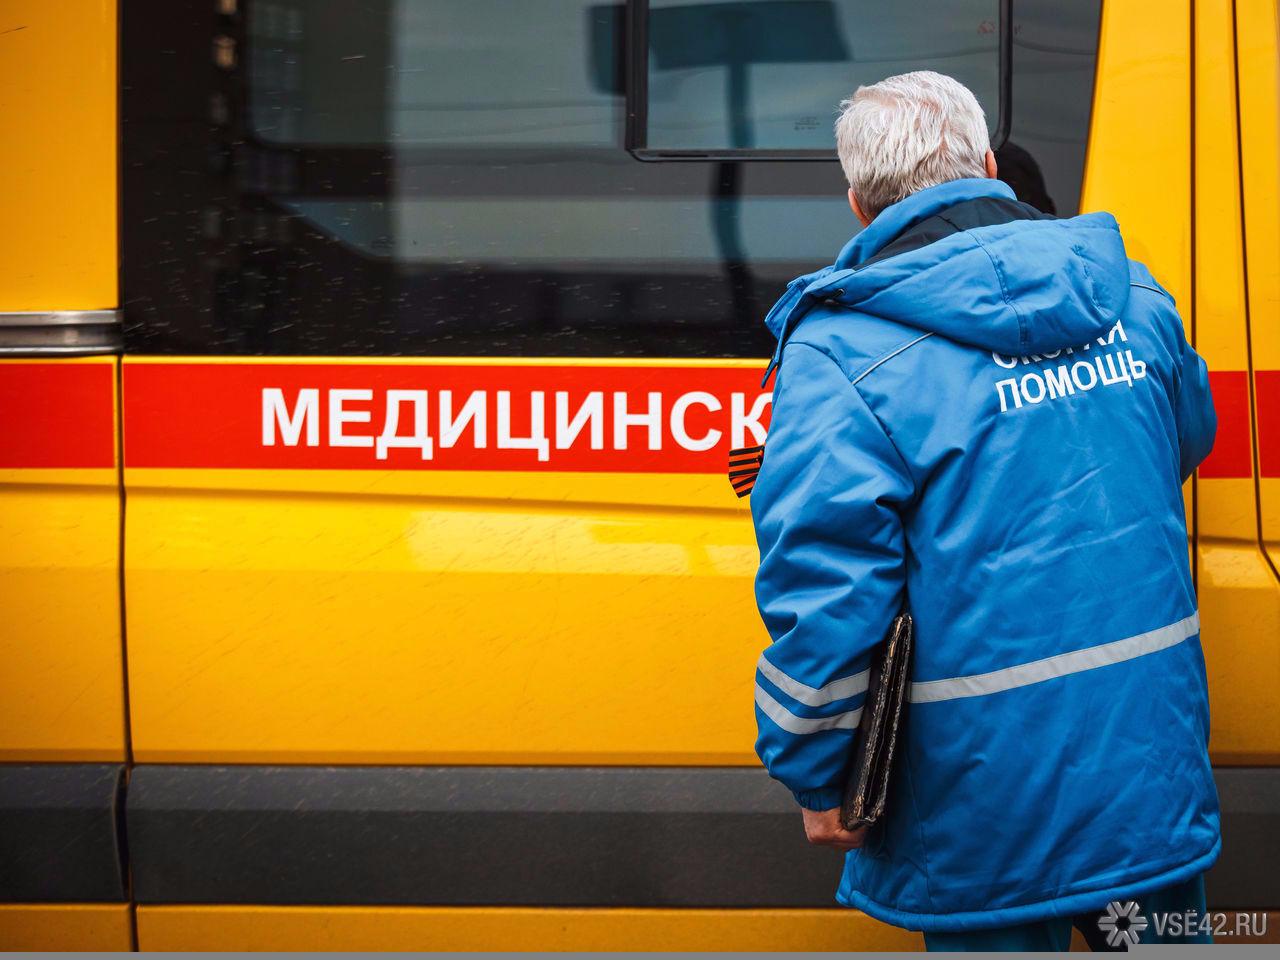 ВМошковском районе в итоге ДТП погибли пенсионер ималенькая девочка